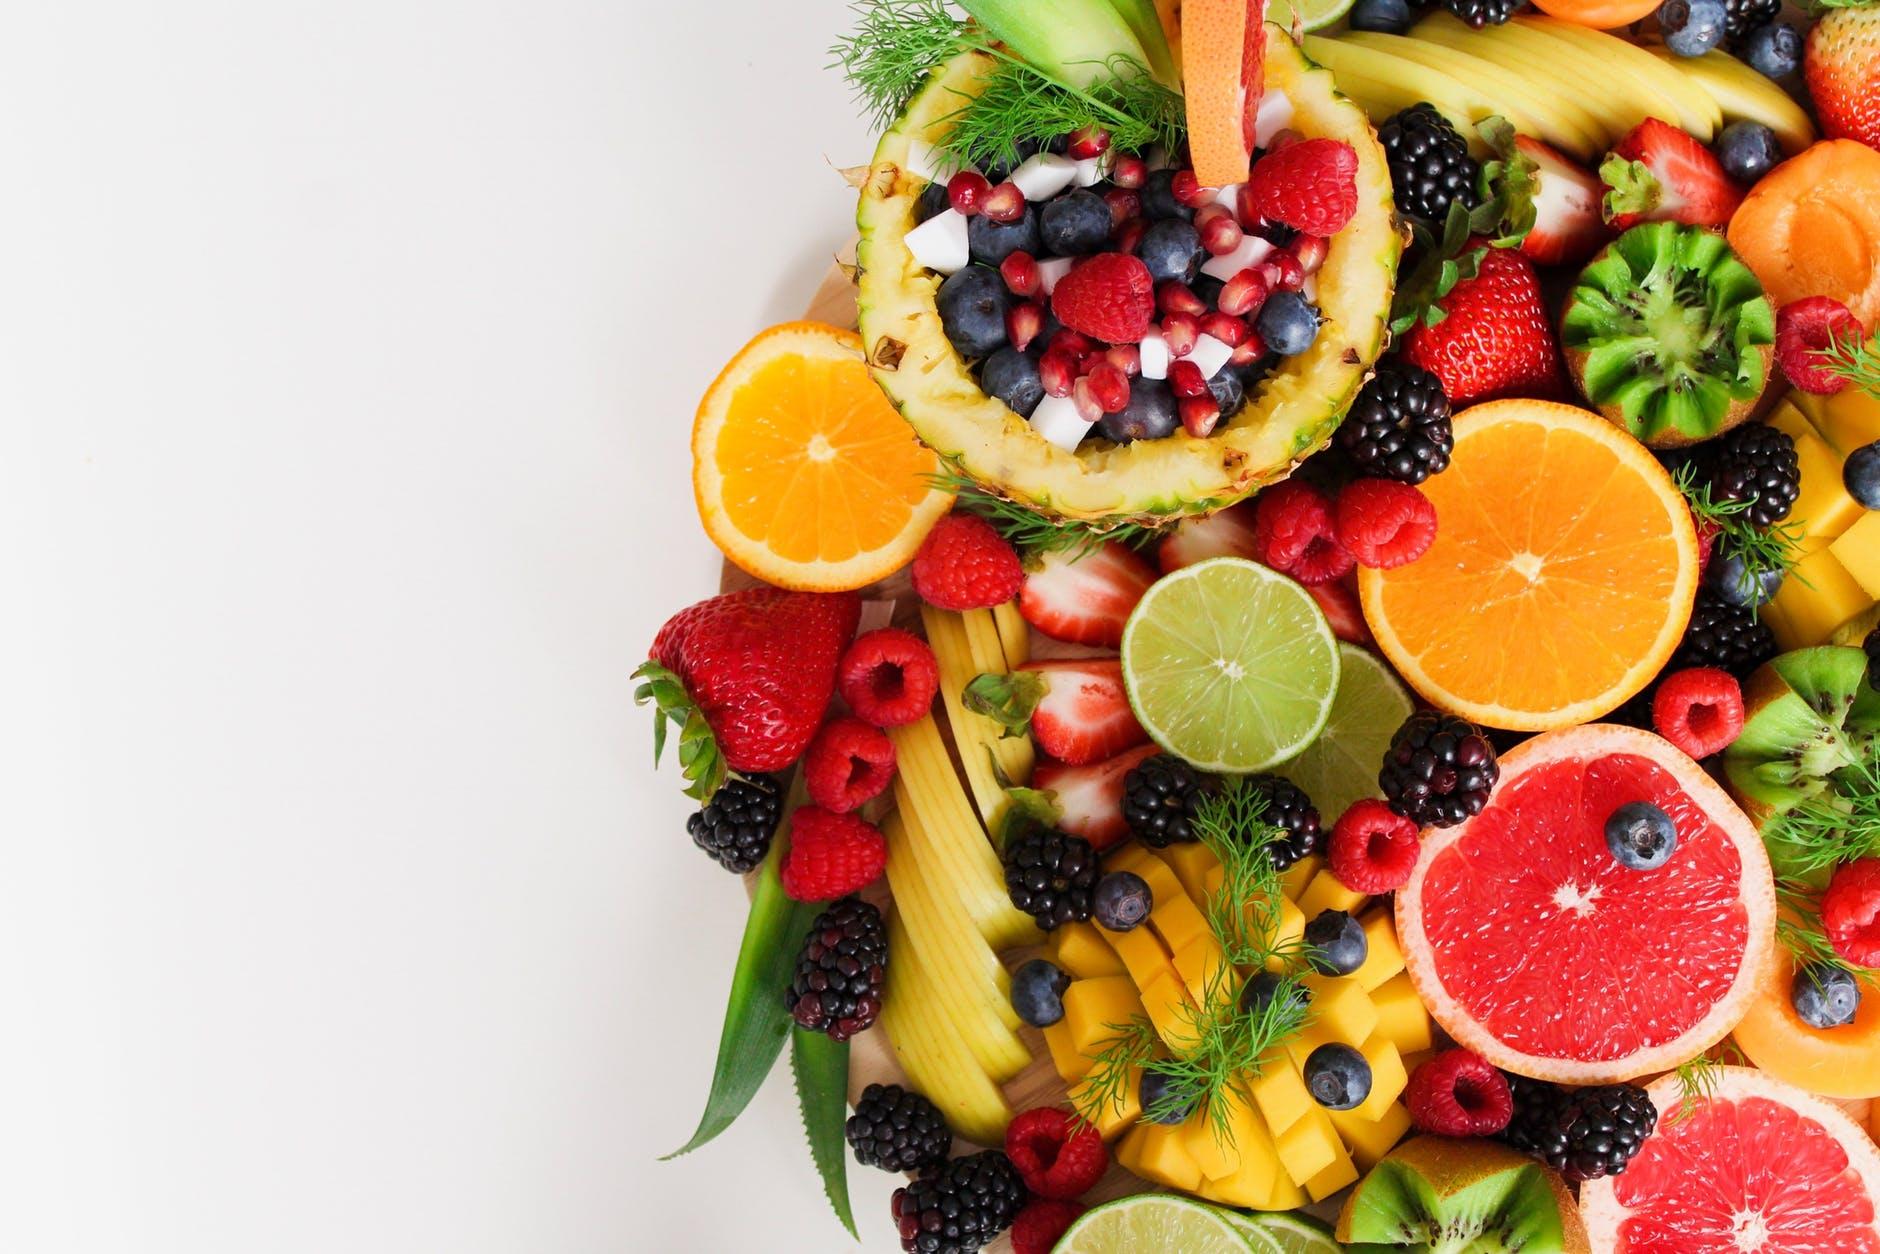 strawberries berries fruit orange (fruit) food